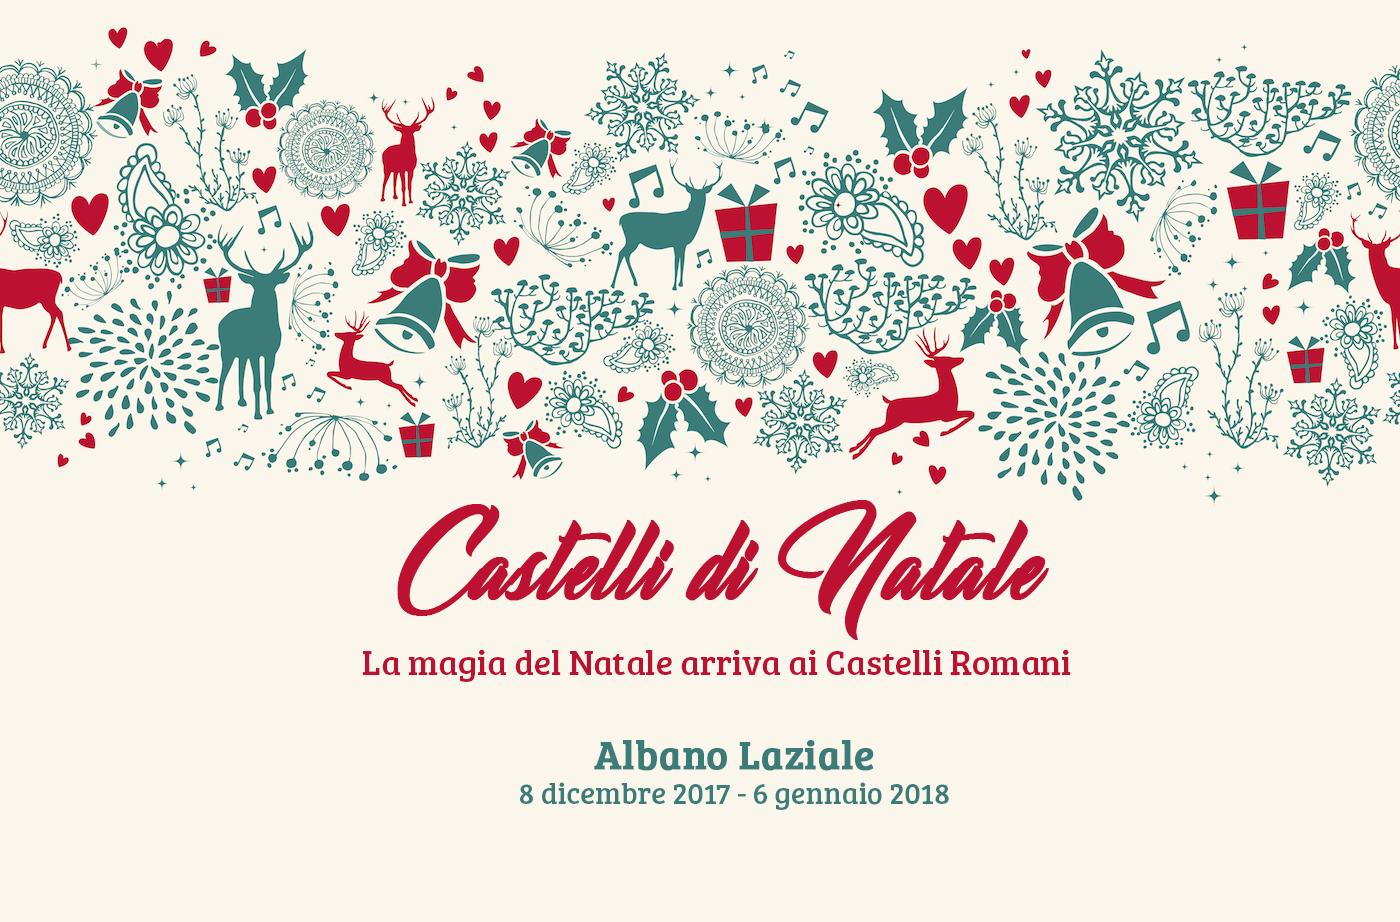 castelli-di-natale-proposta1